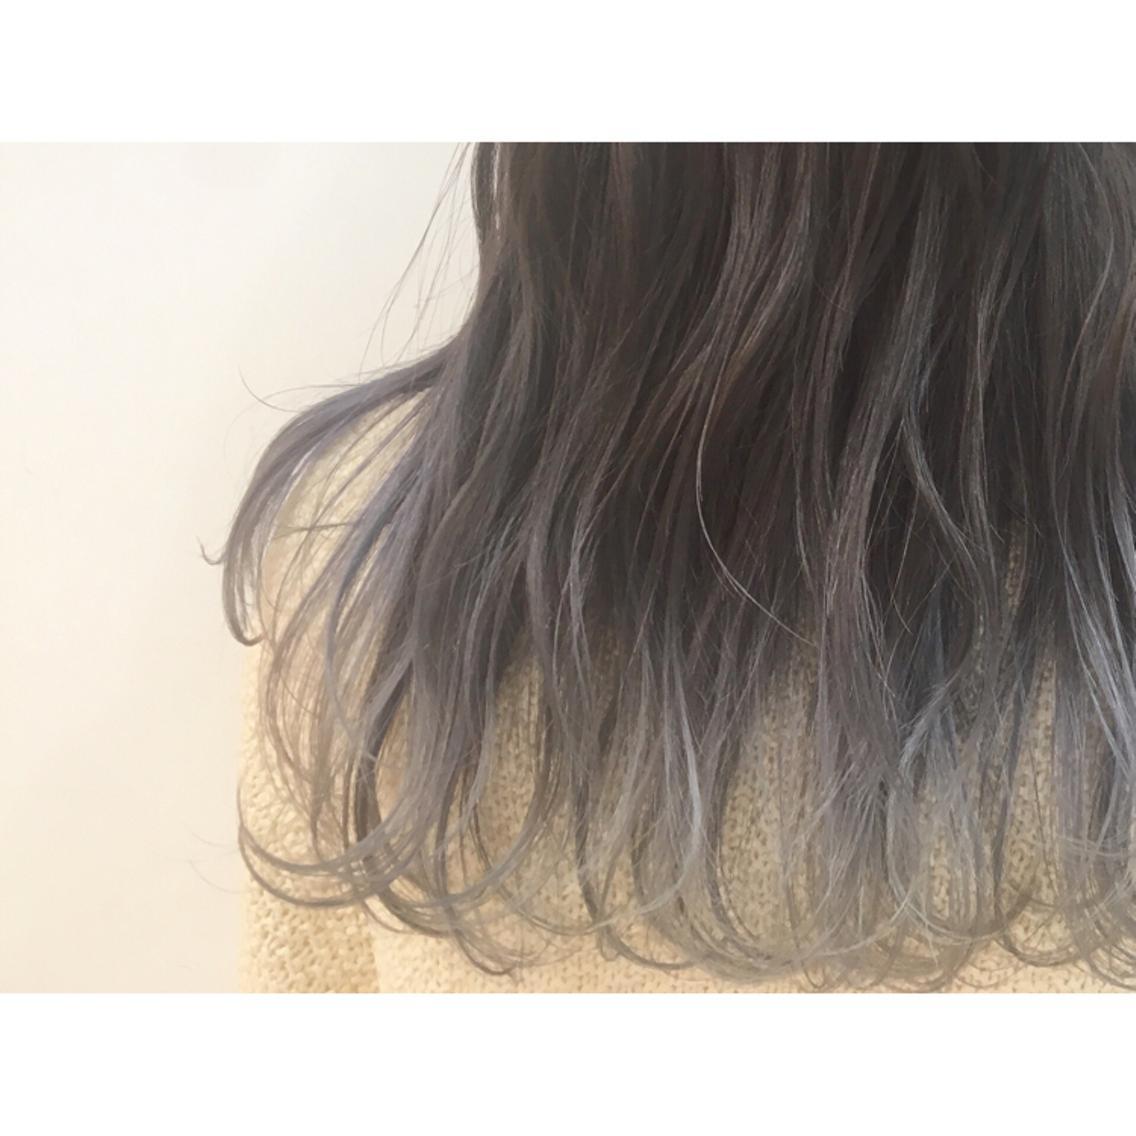 《当日予約OK❣️》color 3000✯ cut 1600✯  treatment 1500⁂†  マツエク3000⁂†